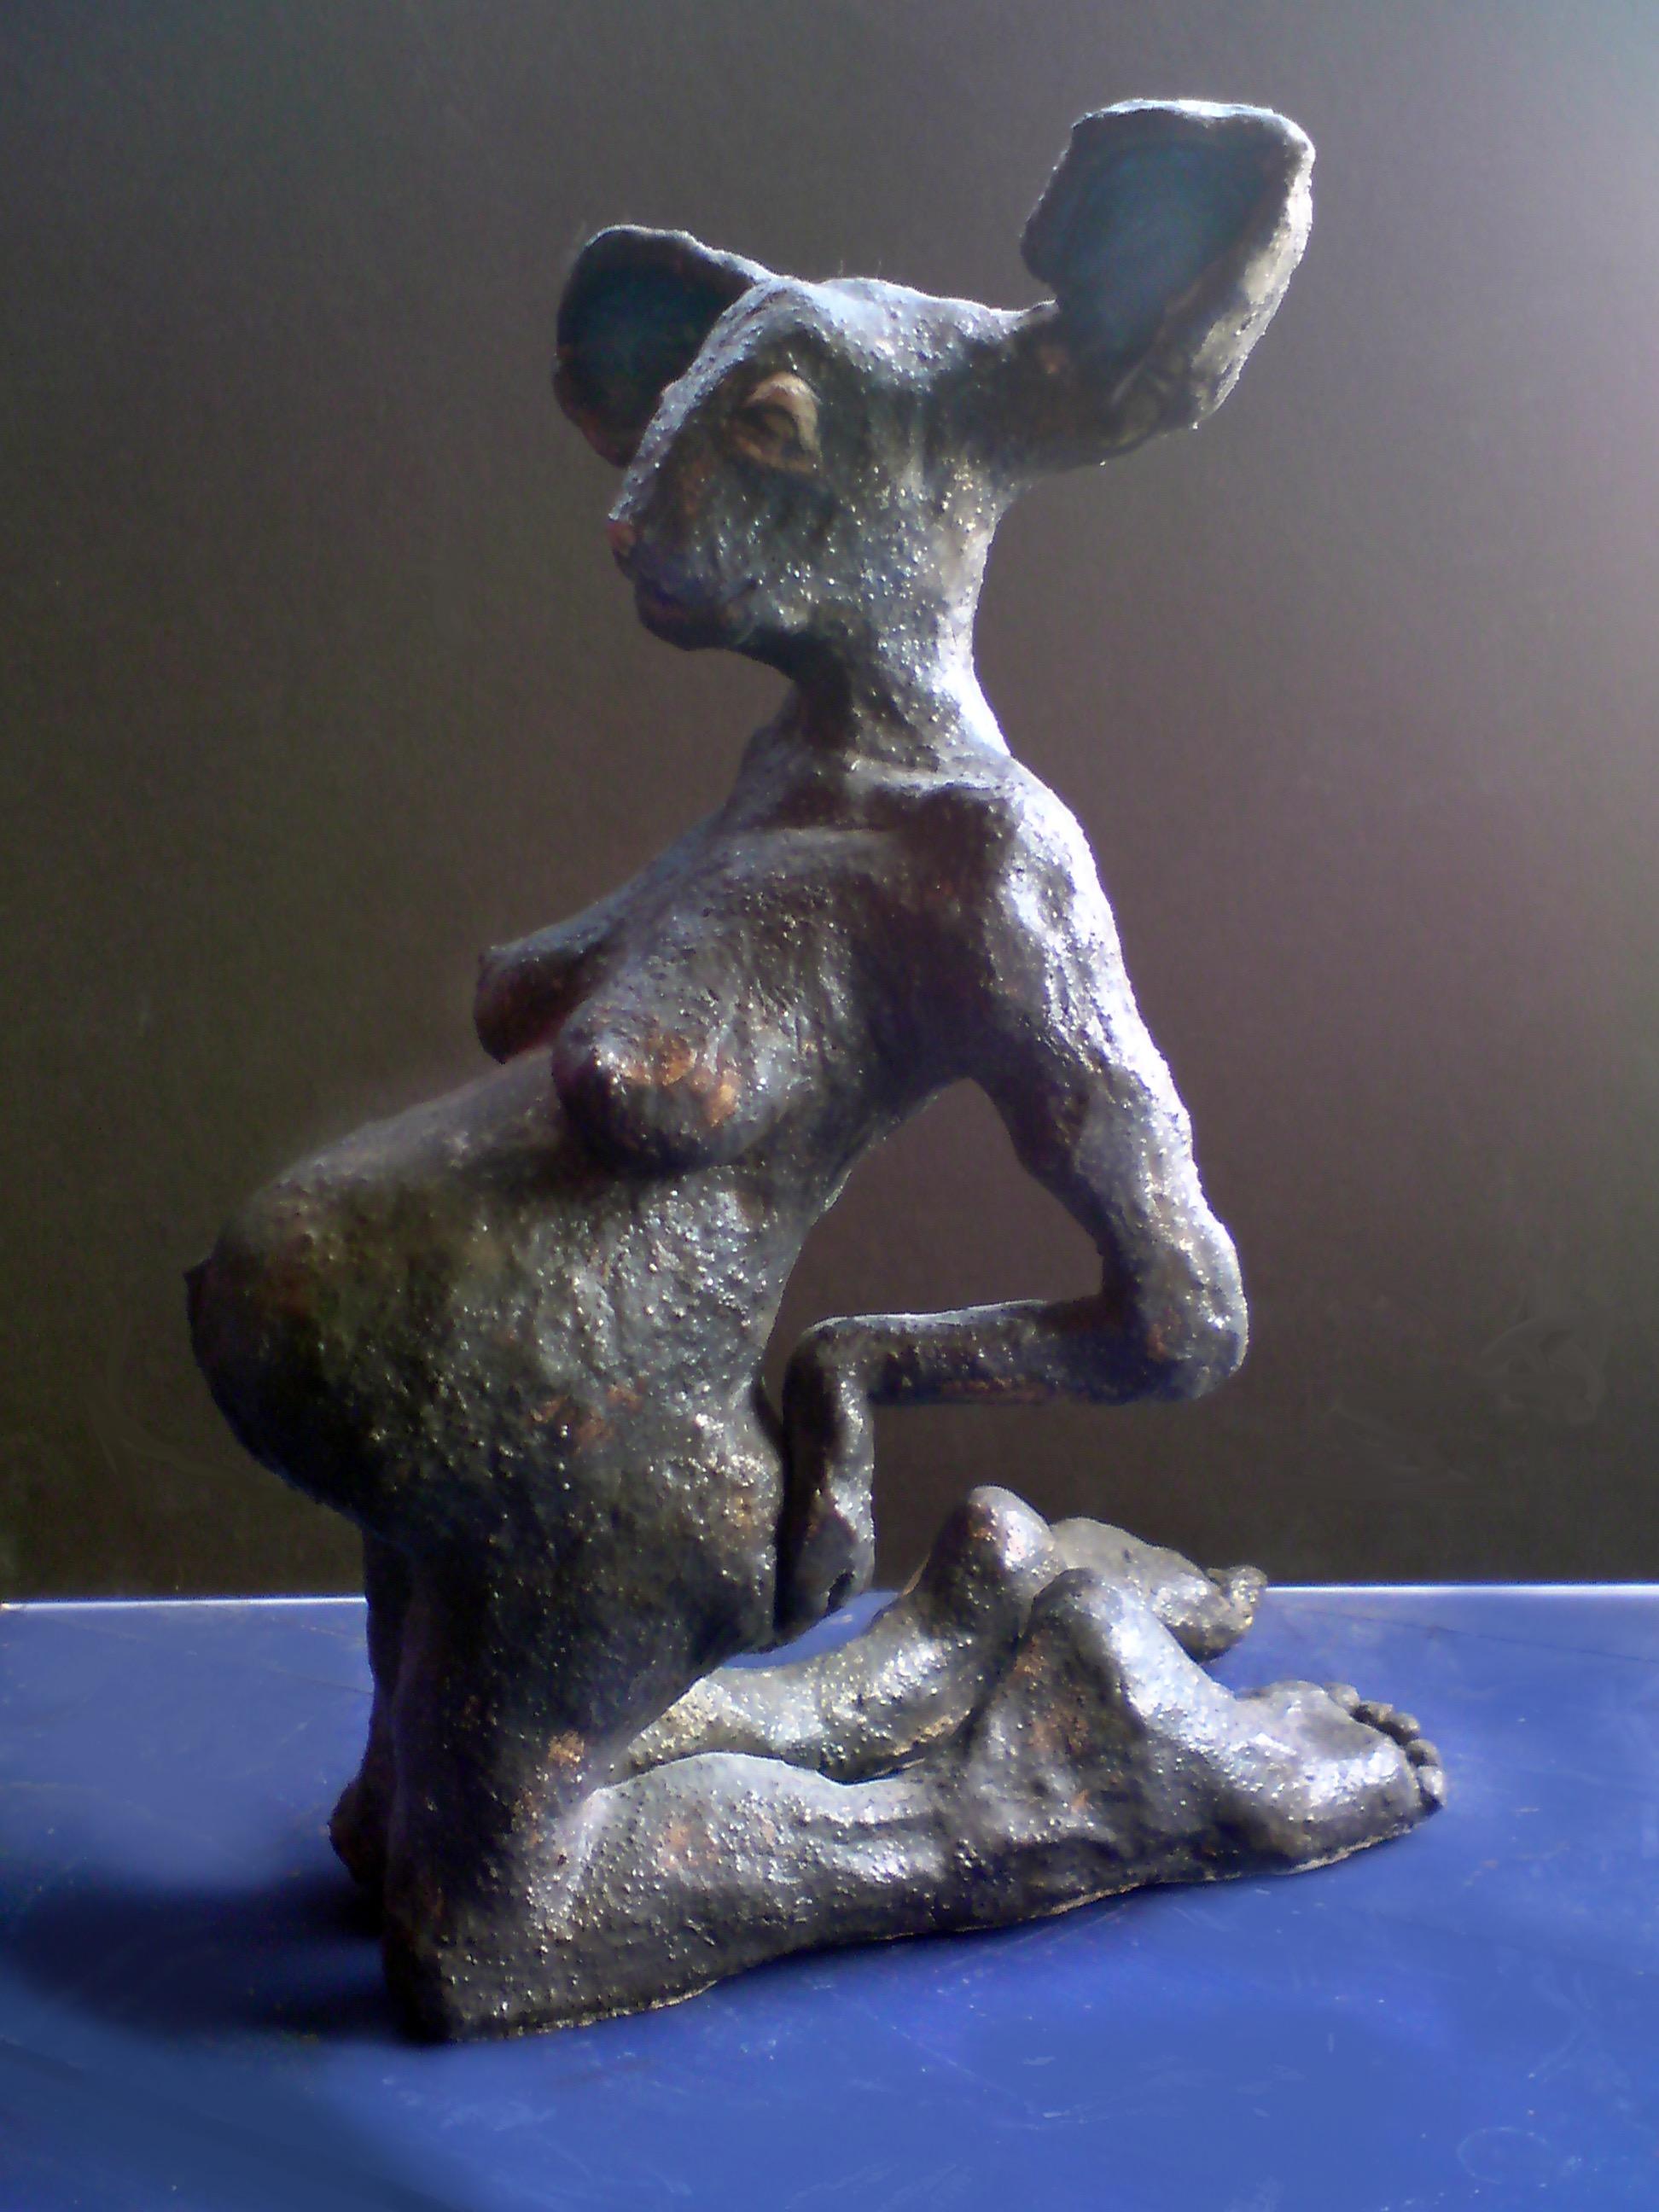 'Spring Baby' by CJ Munn (sold)